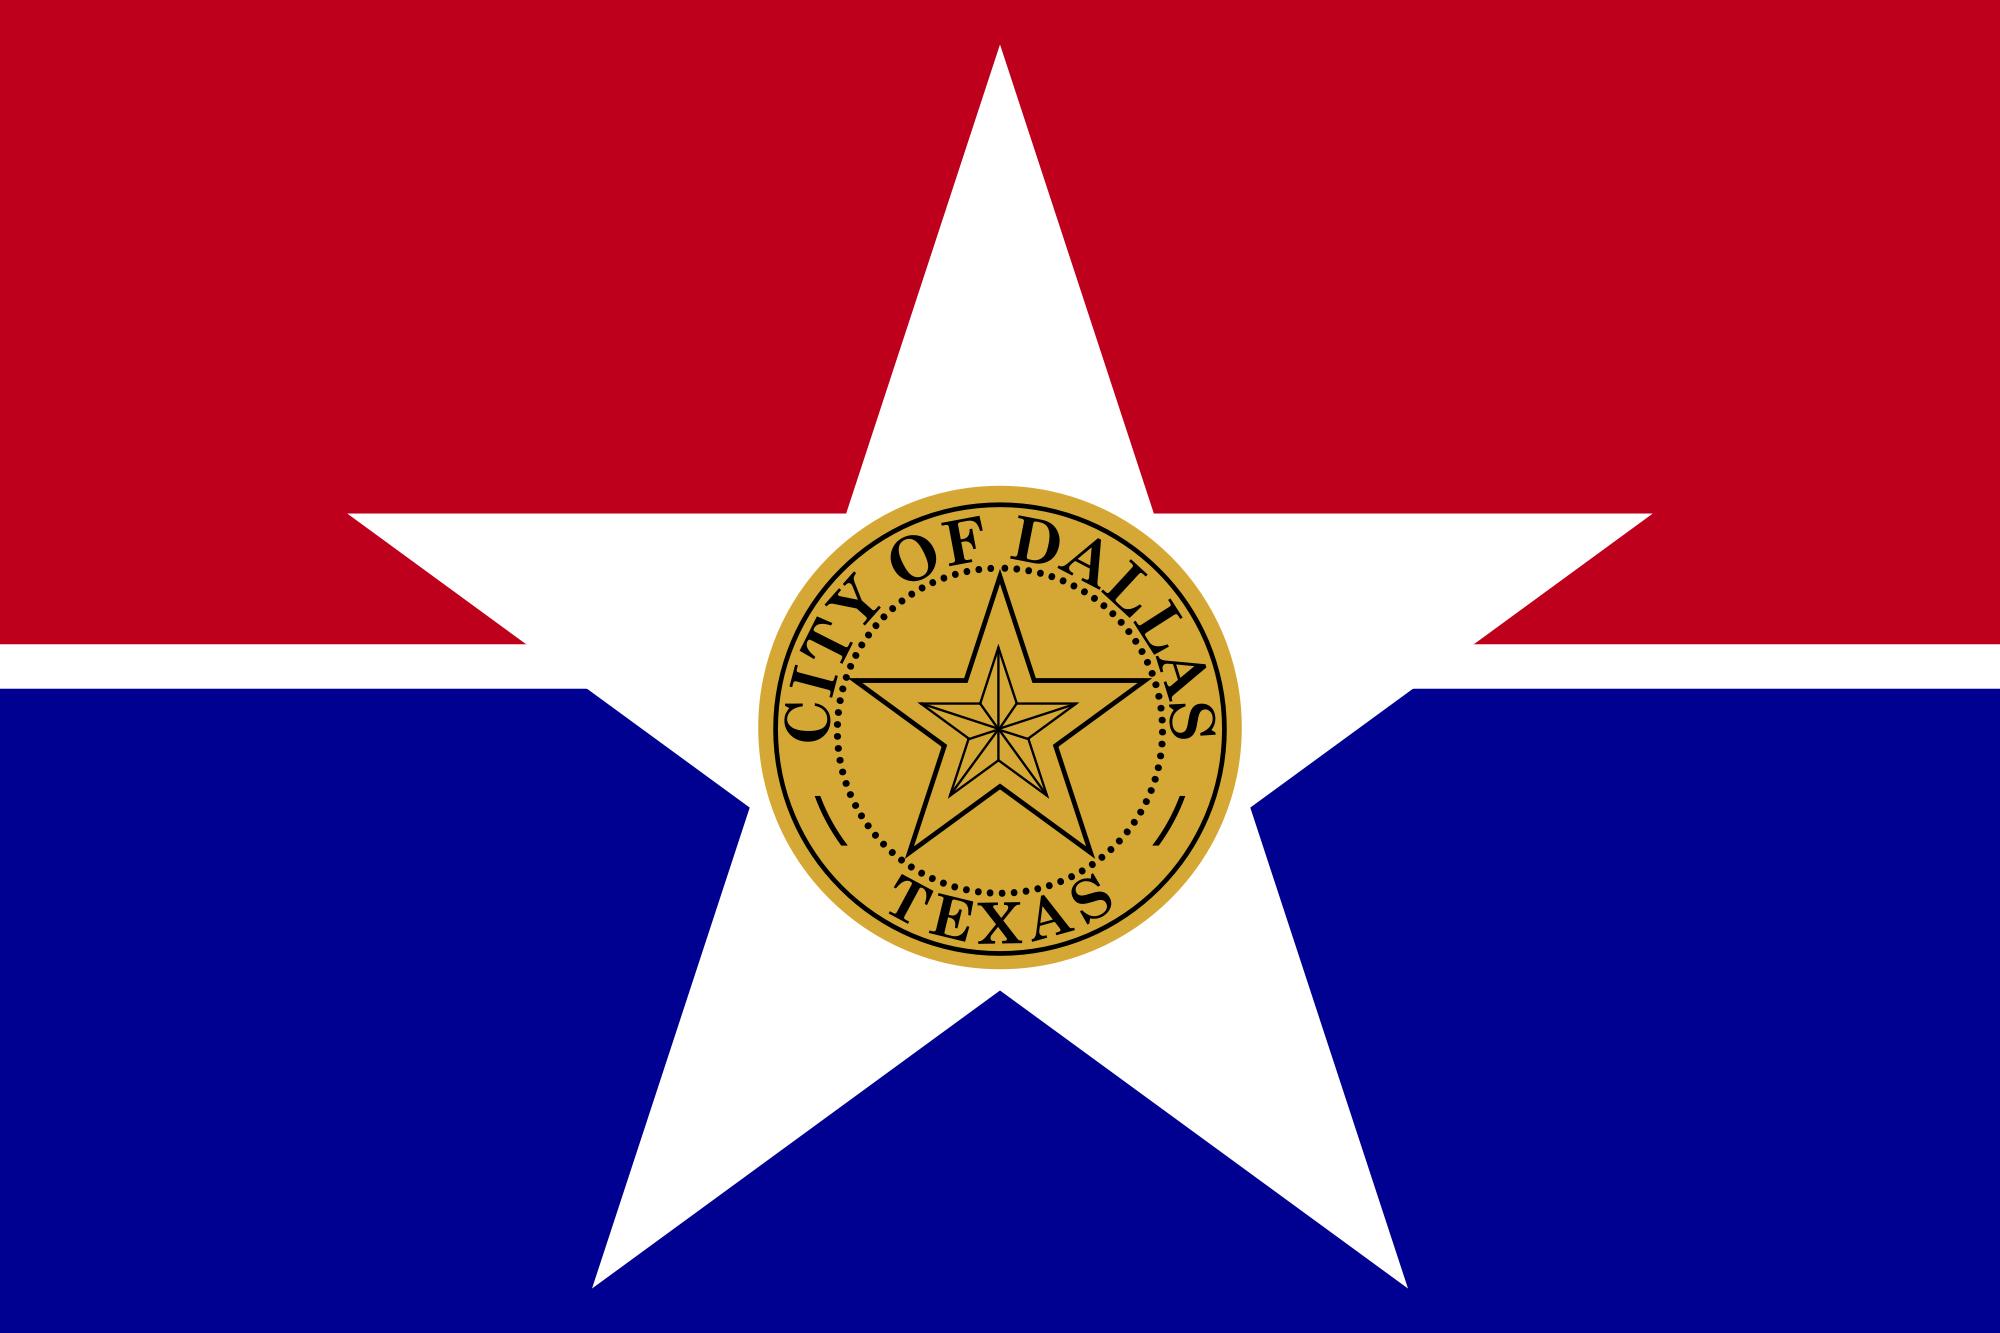 Dallas City Flags